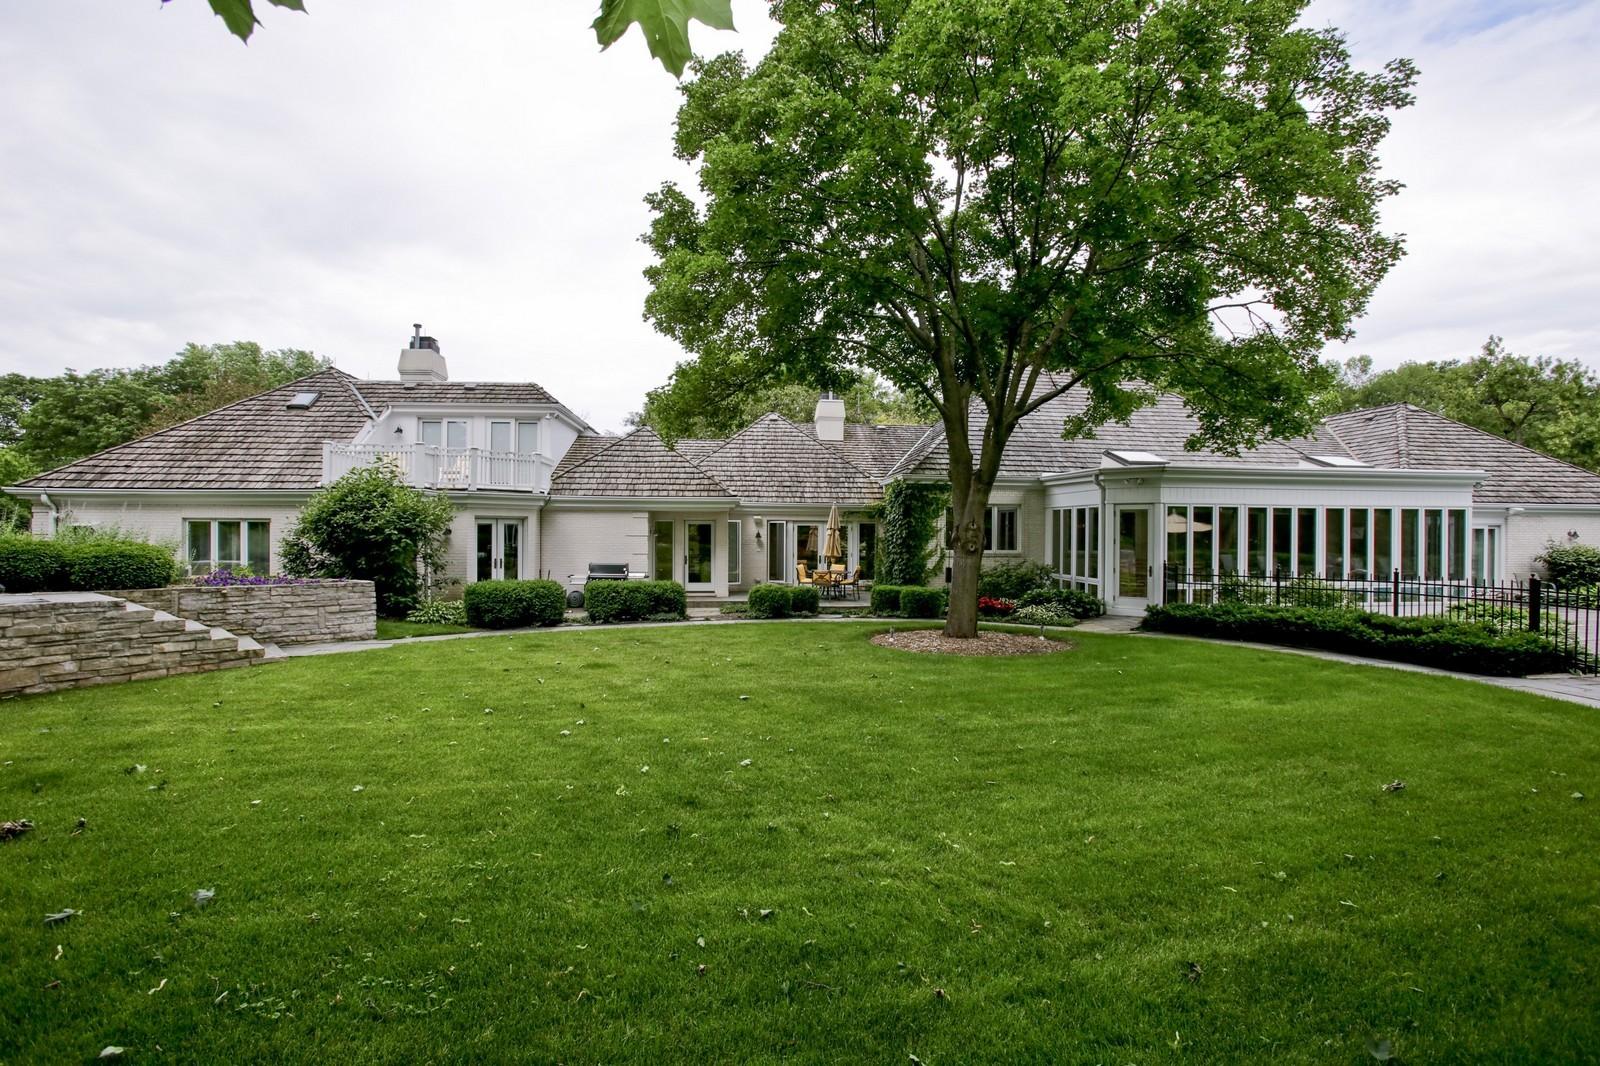 Real Estate Photography - 25W445 Plamondon Rd, Wheaton, IL, 60189 - Rear View